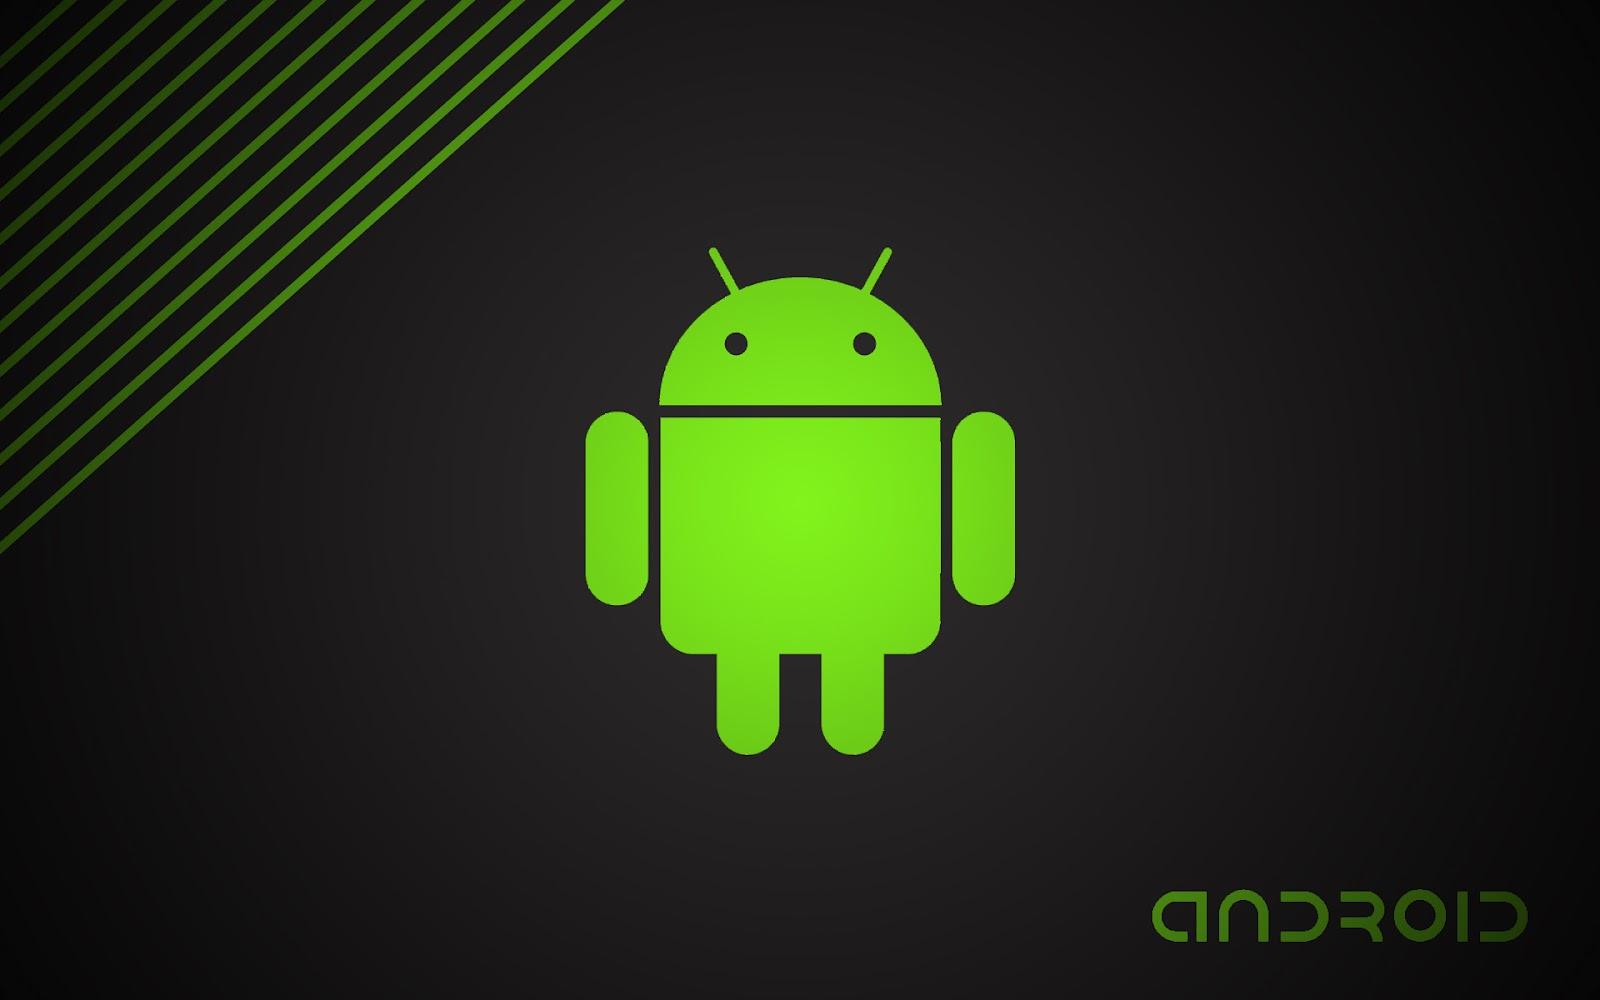 http://4.bp.blogspot.com/-EFprQxk6DAs/T-yFl00cezI/AAAAAAAAAhw/JgUJlJhiAkE/s1600/android%2BHD%2BWallpaper%2Bhd%2B(8).jpg